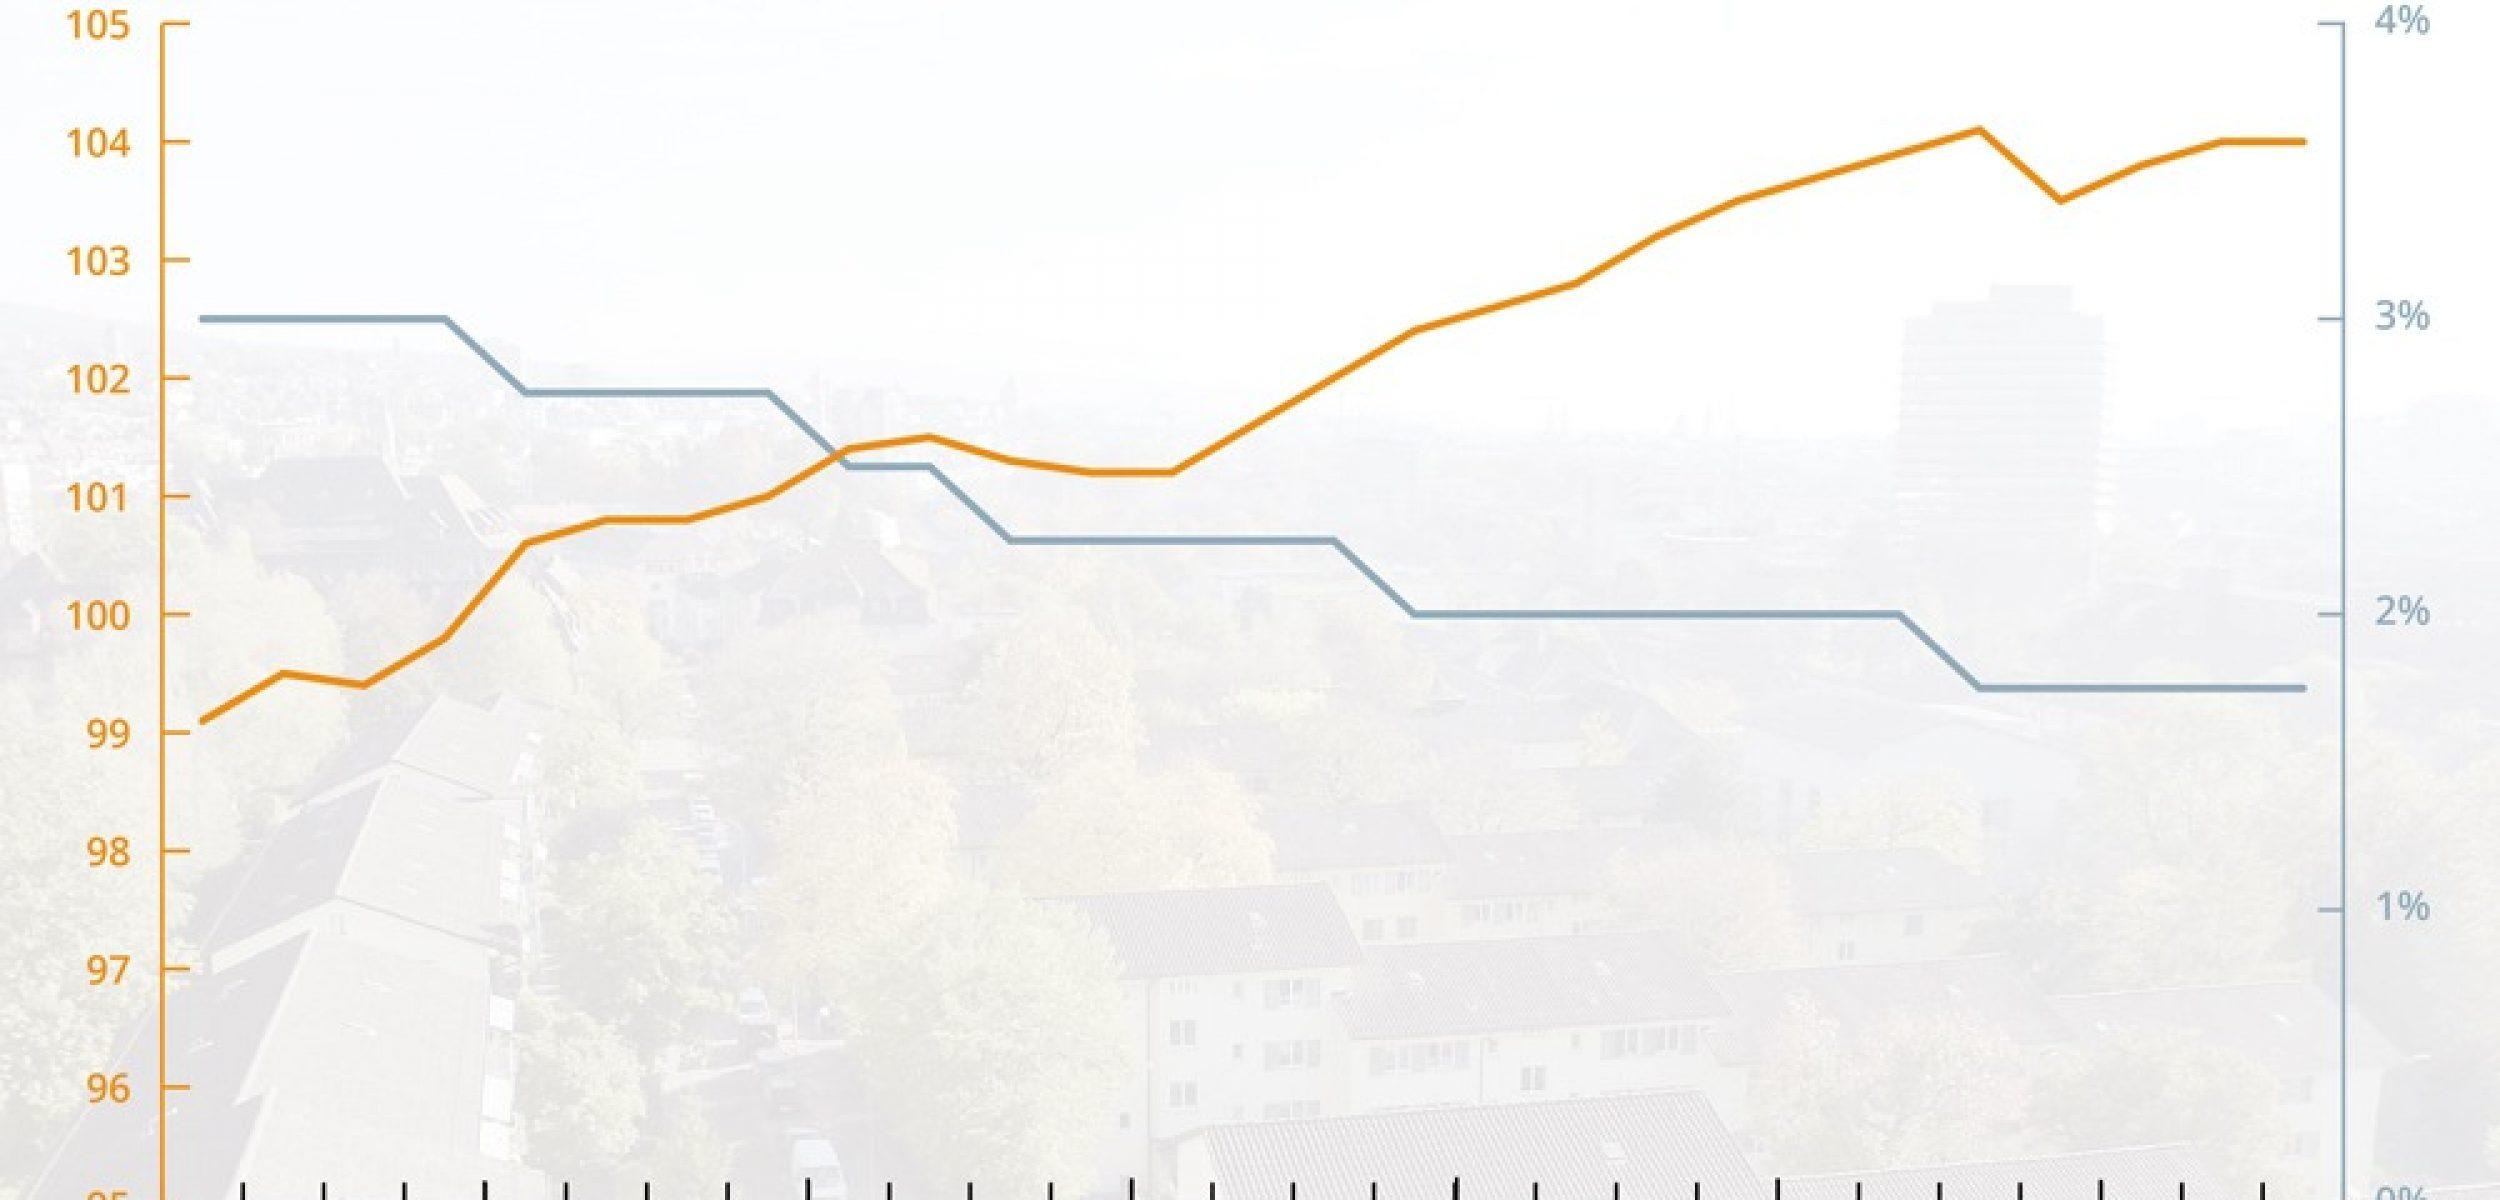 Diagramm Mietpreise/Referenzzinssatz